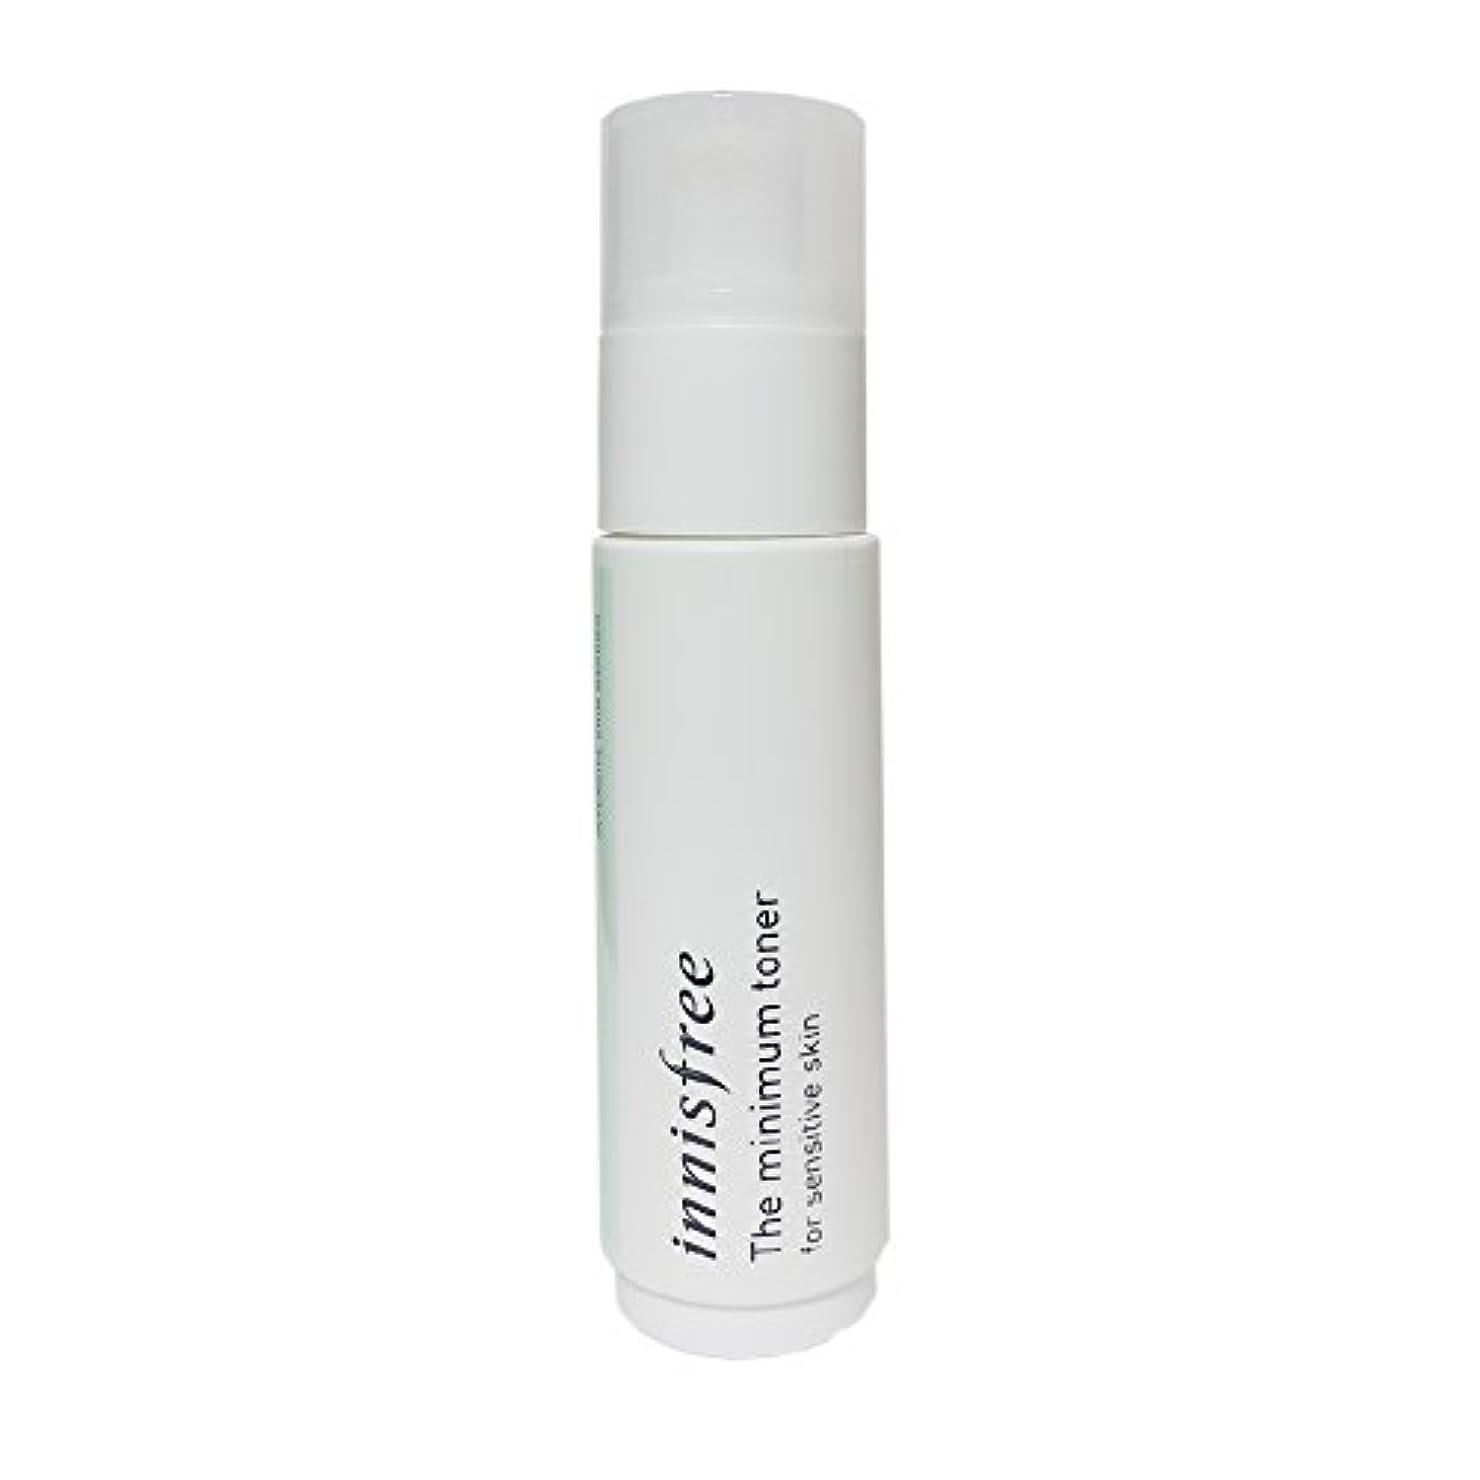 イタリアのありがたい枝[イニスフリー] Innisfree ザミニマム トナー敏感肌用(45ml) Innisfree The Minimum Toner For Sensitive Skin(45ml)  [海外直送品]